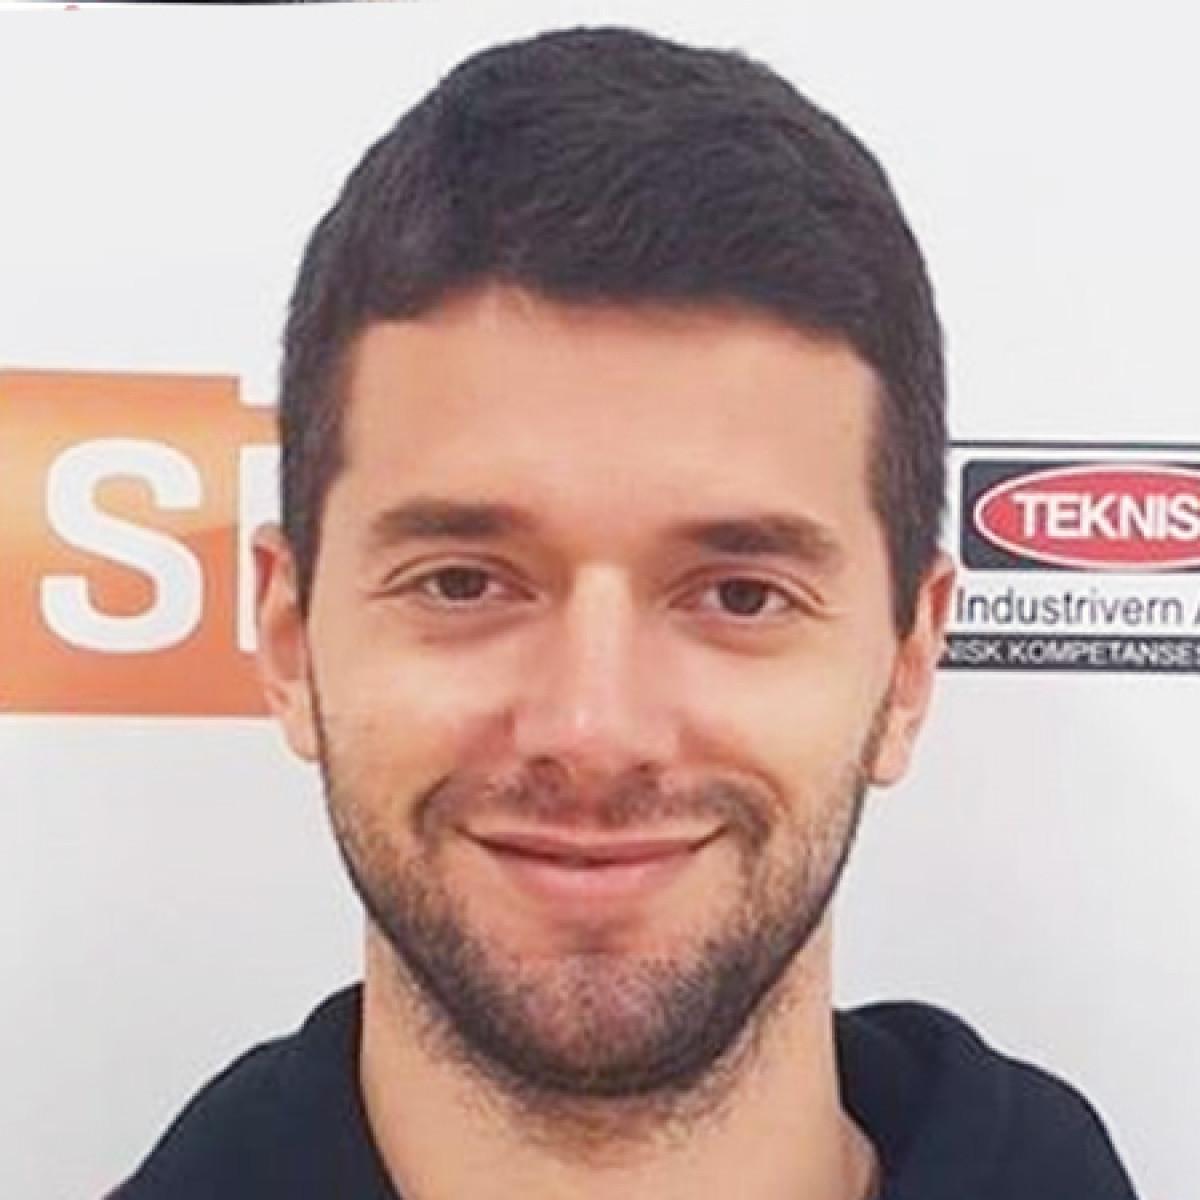 Nikola Varsojevic